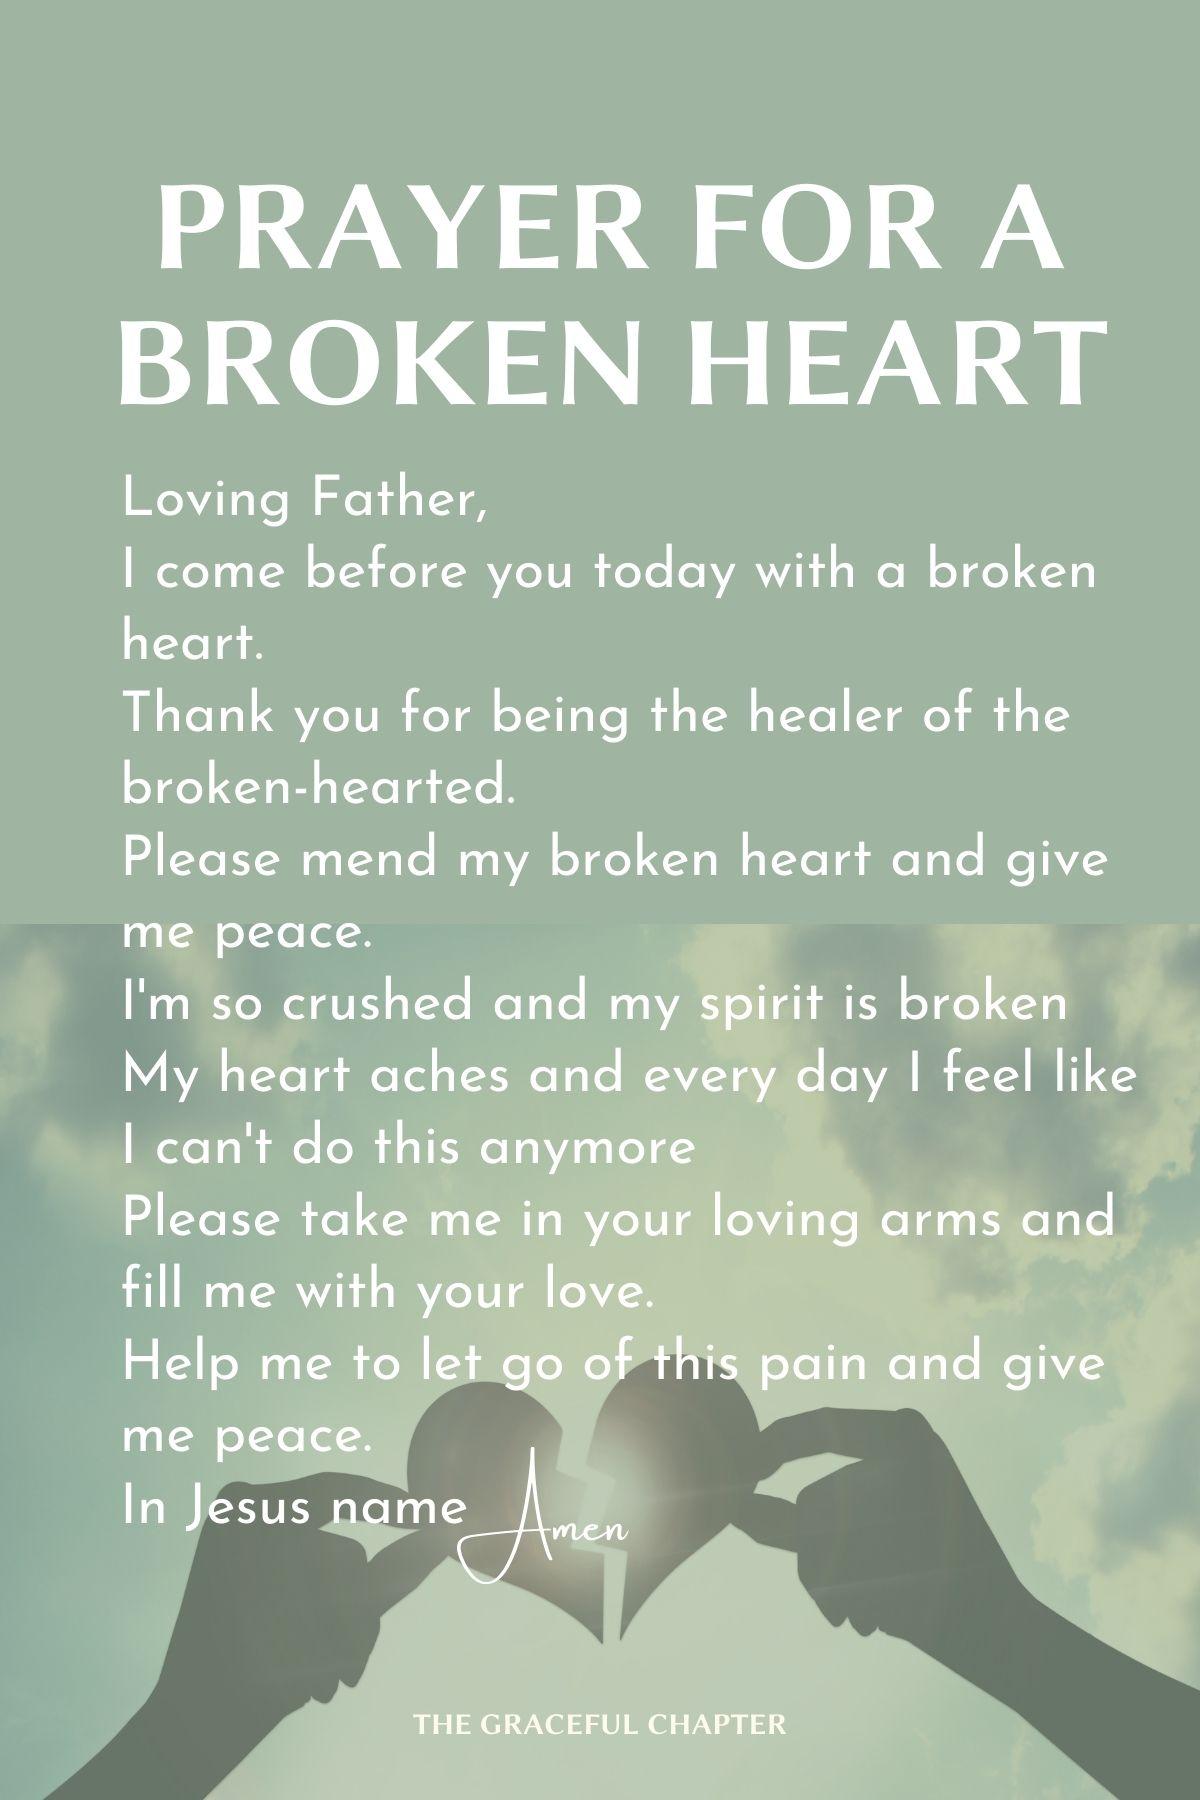 Prayer for a broken heart